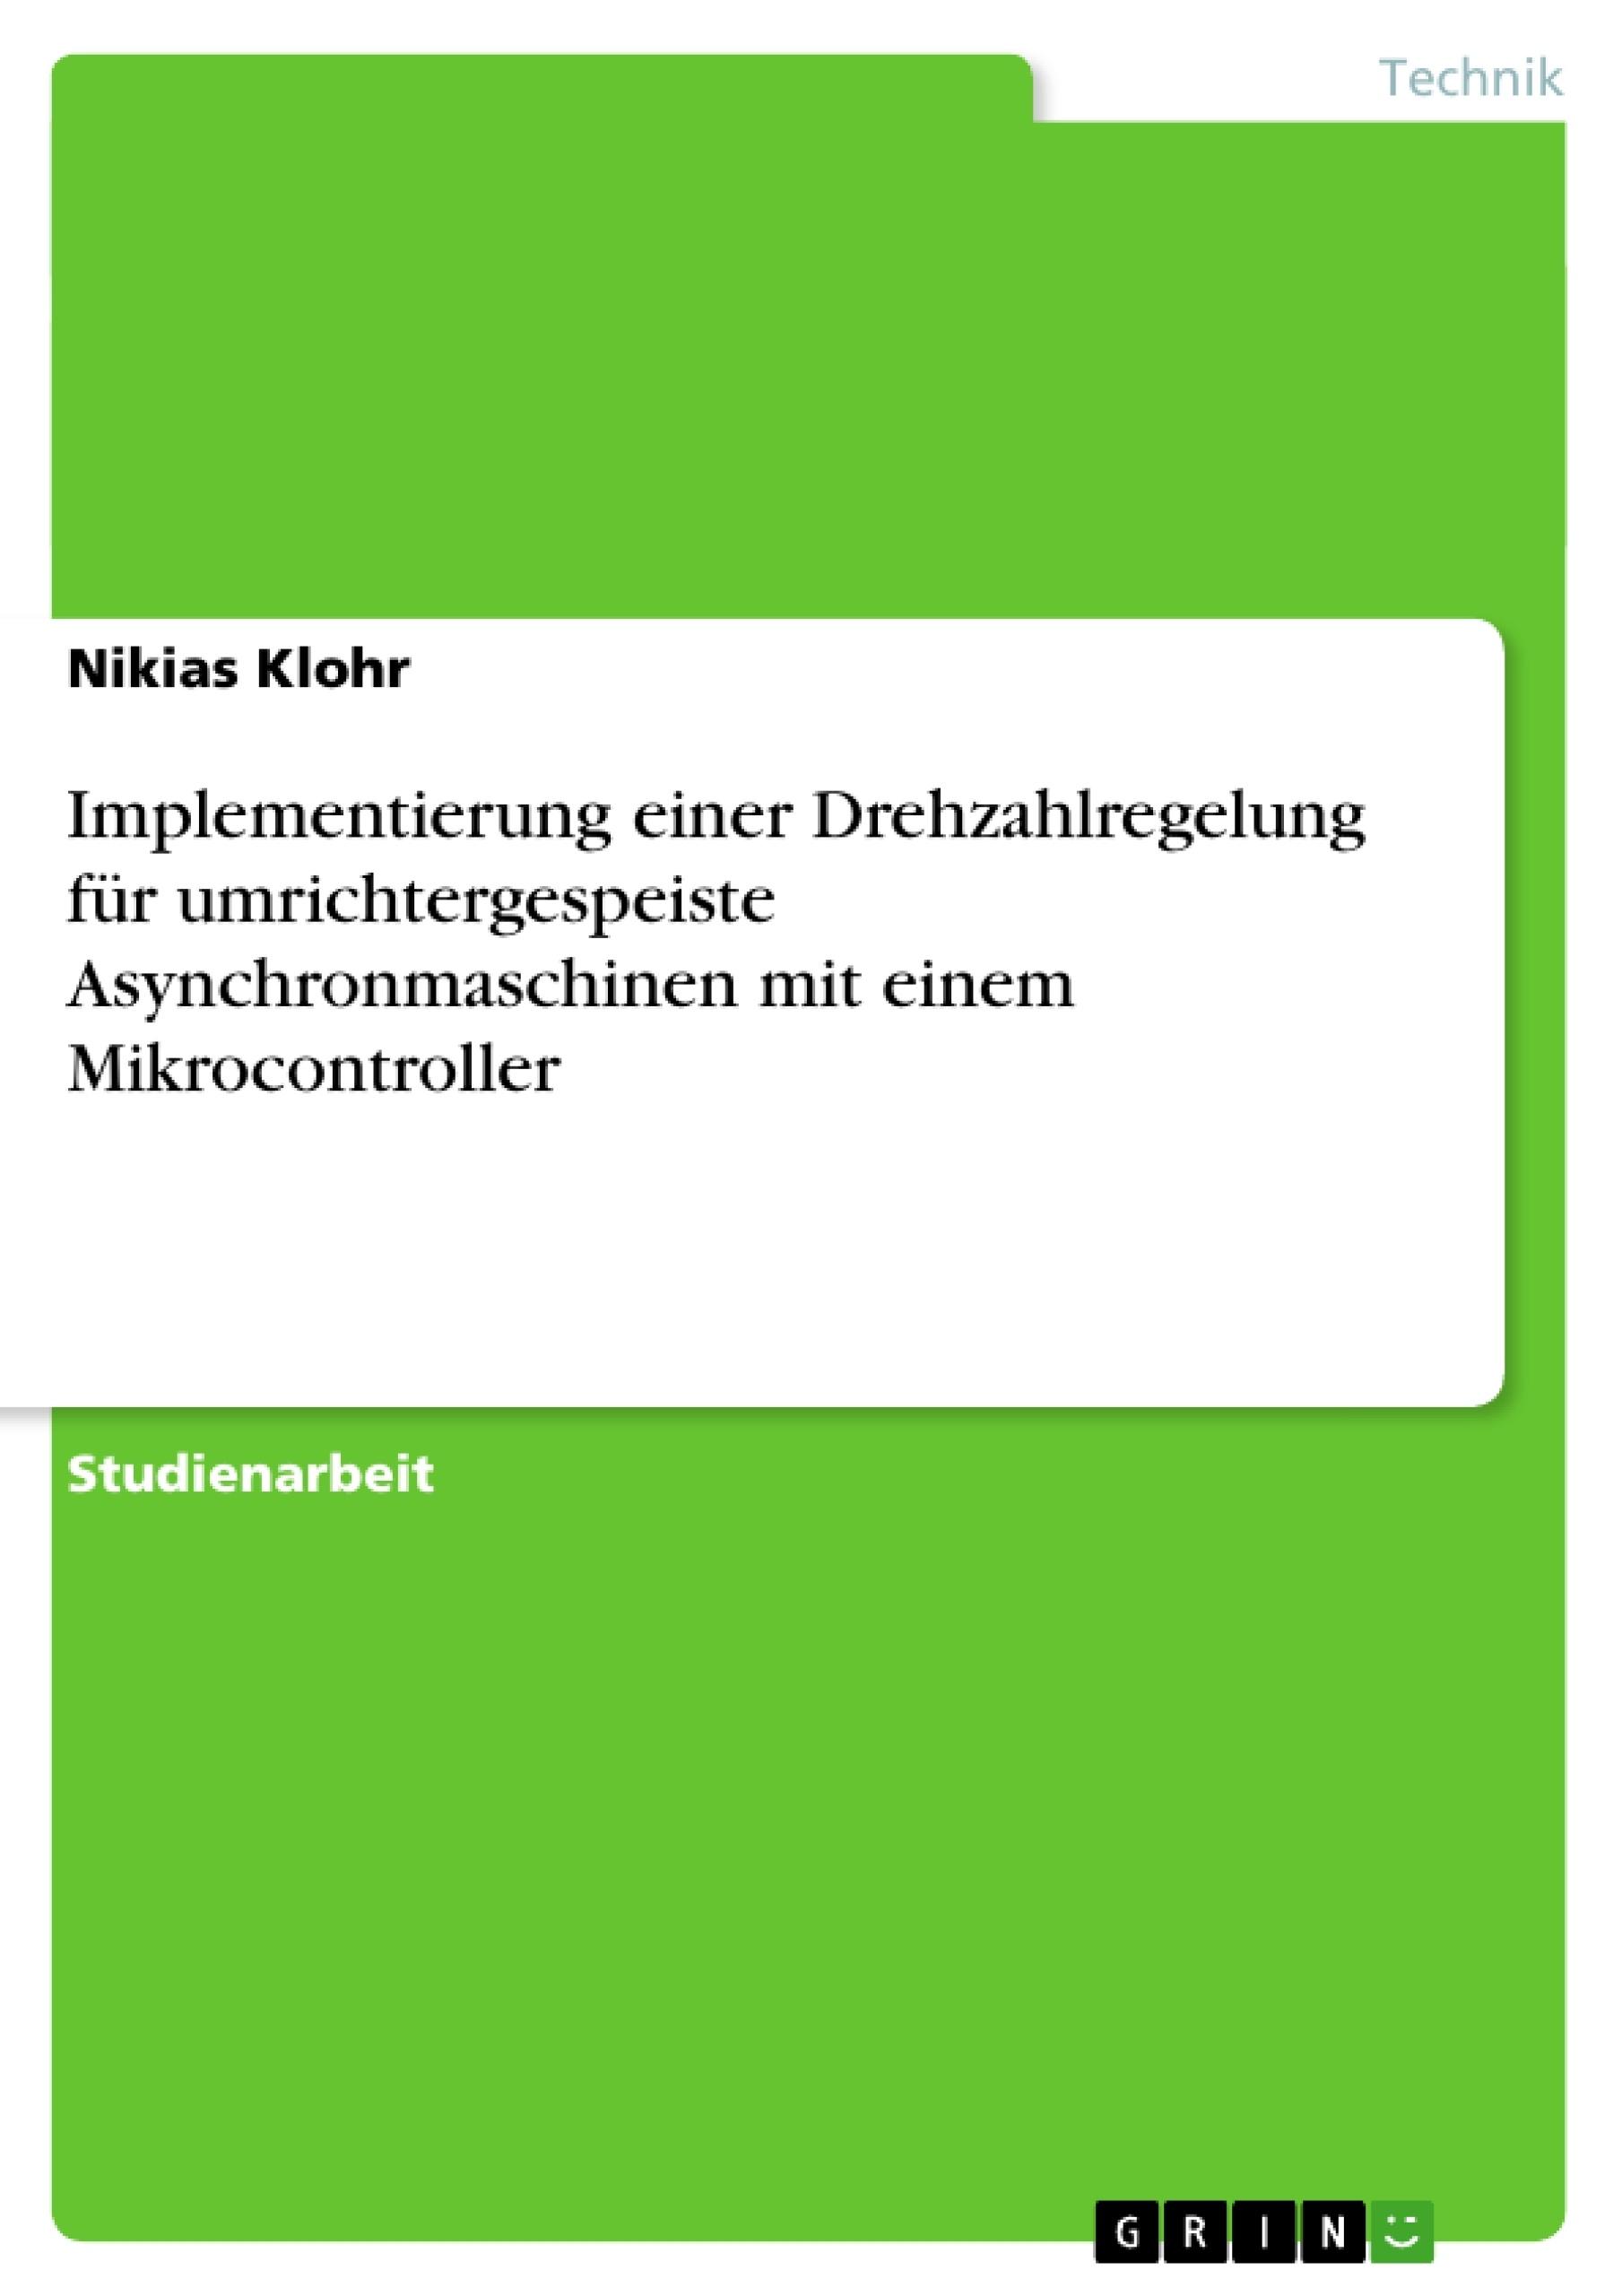 Titel: Implementierung einer Drehzahlregelung für umrichtergespeiste Asynchronmaschinen mit einem Mikrocontroller